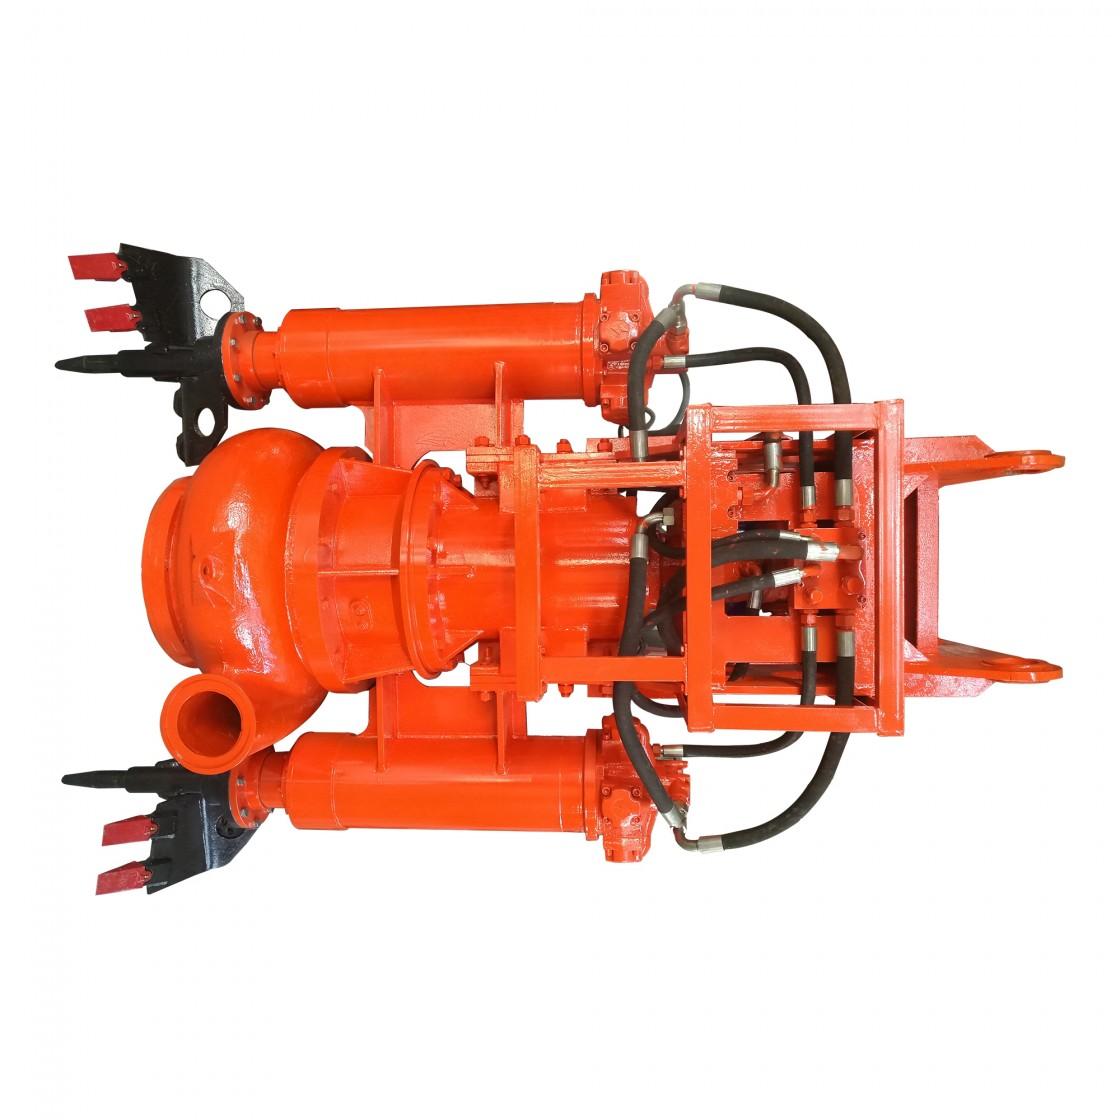 Sumitomo QT6153-200-40F Double Gear Pump